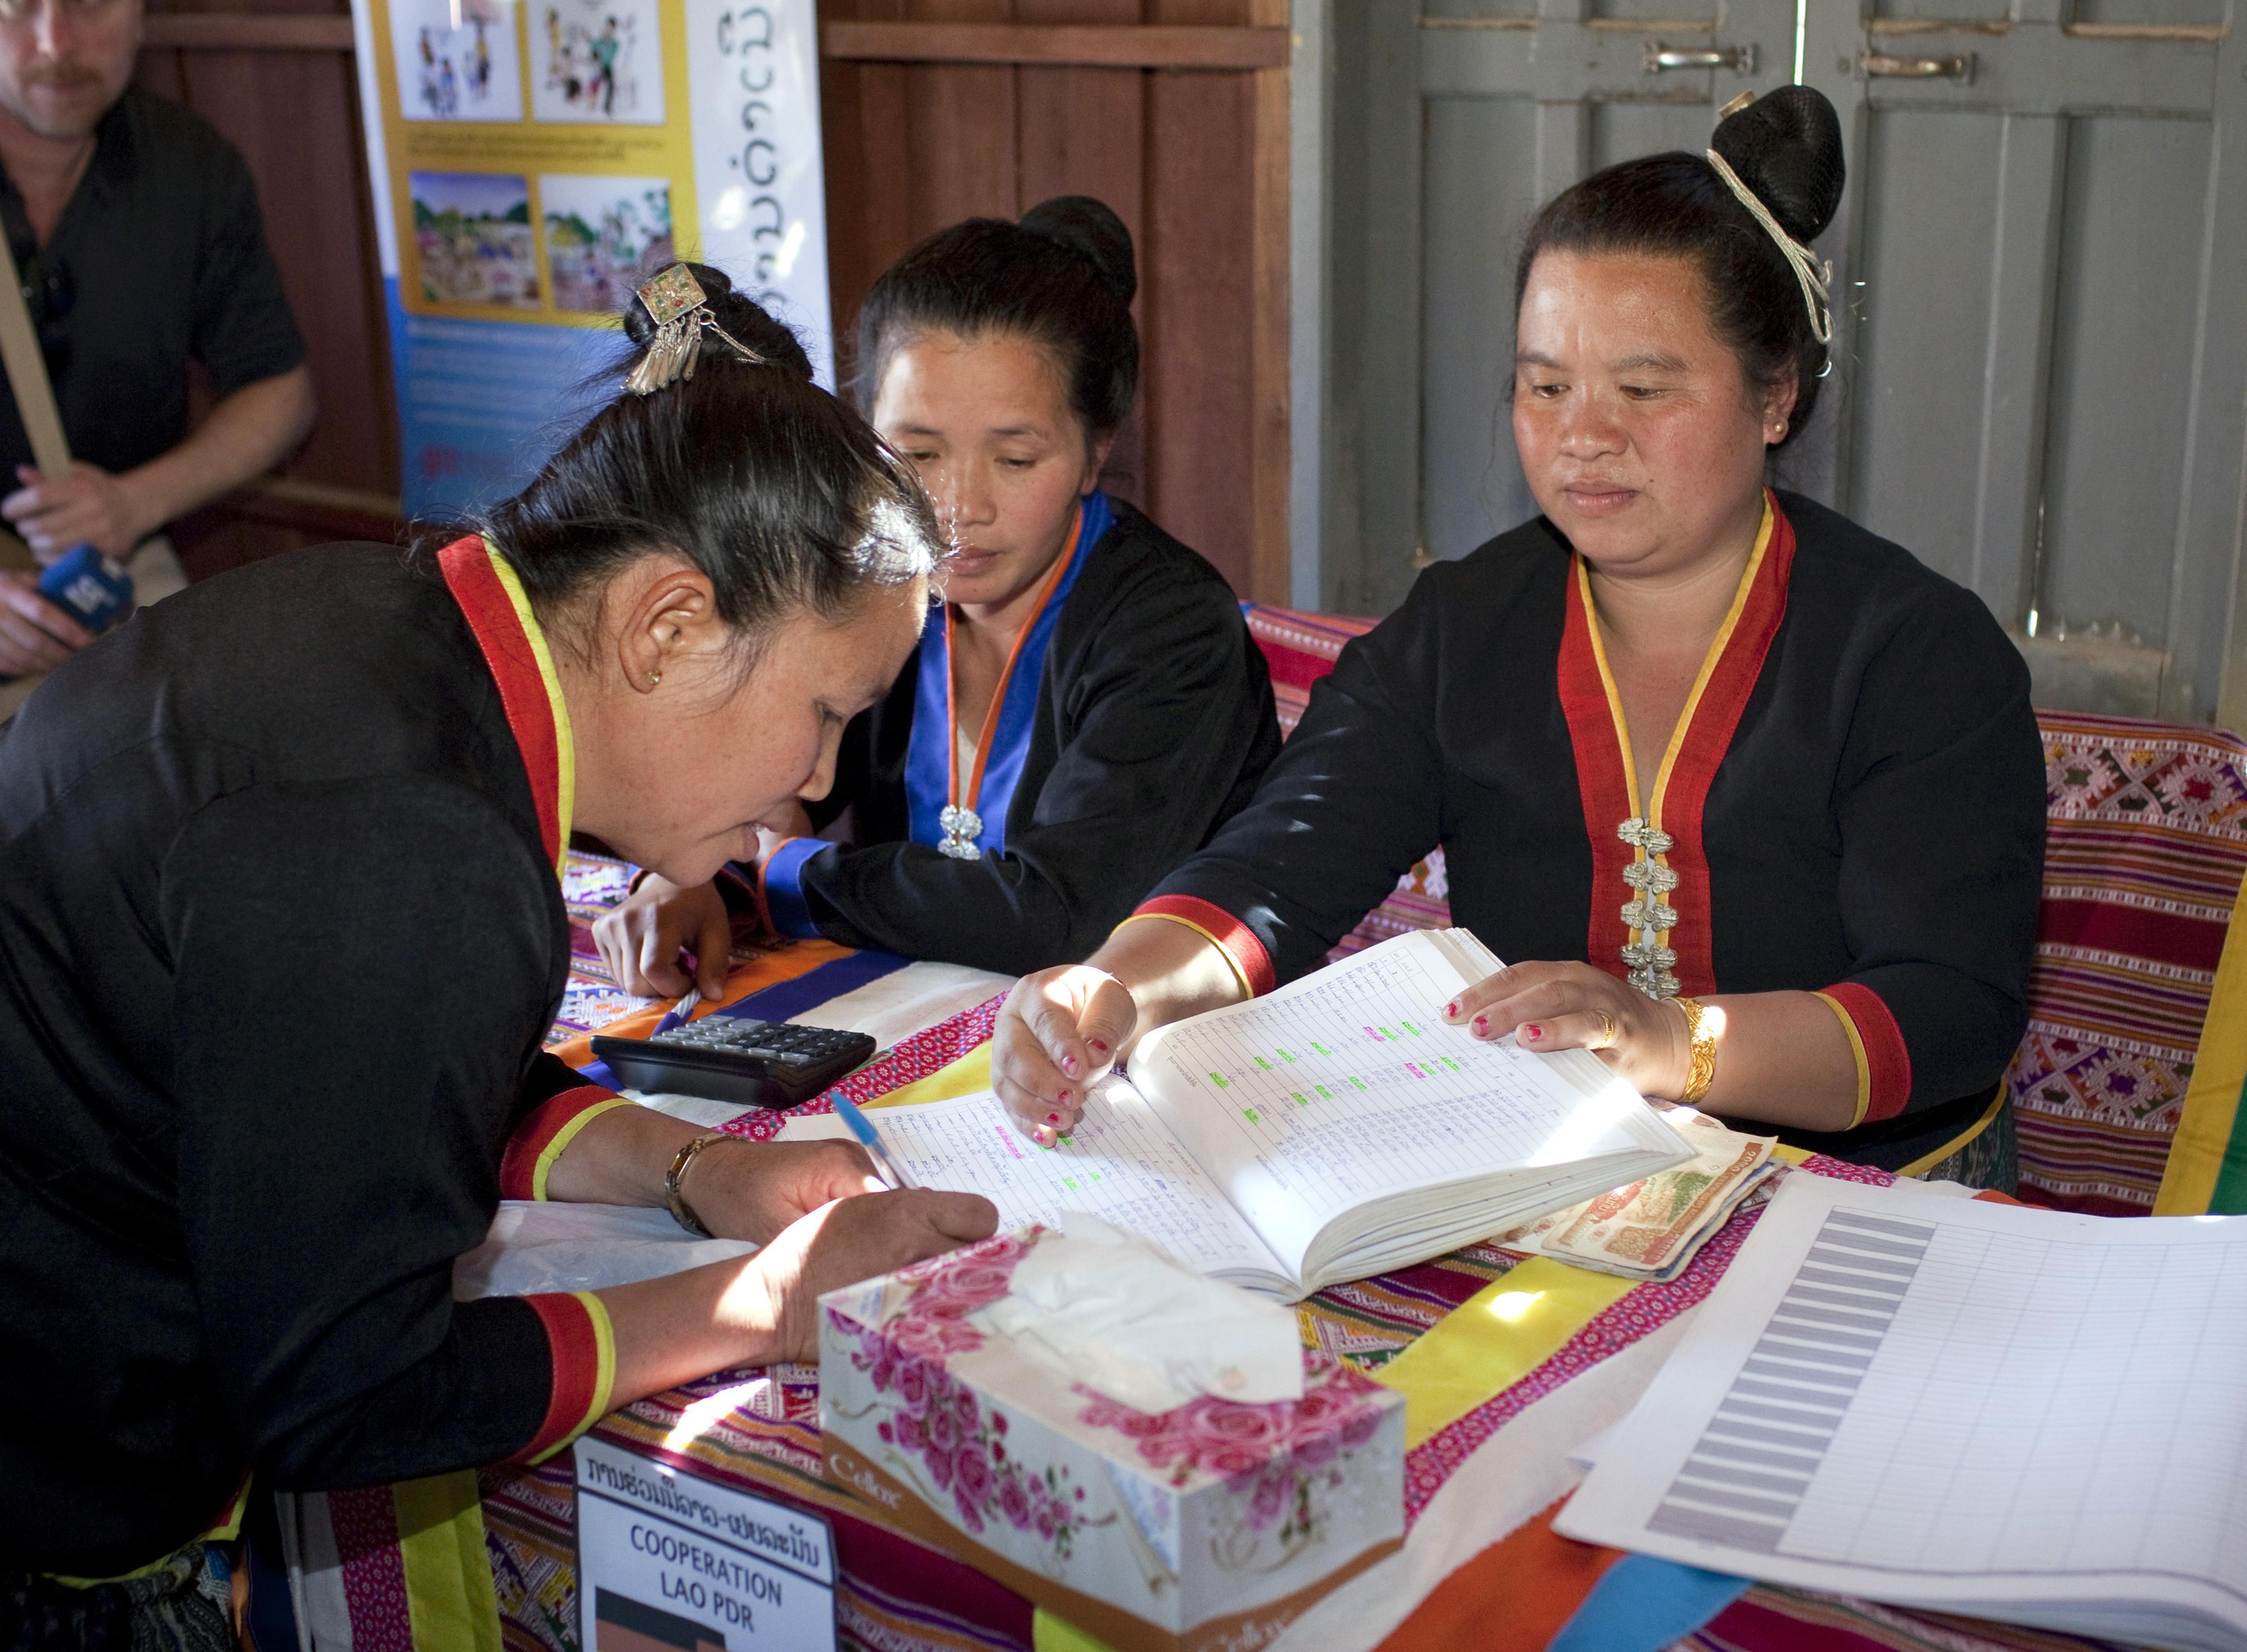 Laos: Am monatlichen Banktag zahlen Mikrofinanzkundinnen Geld beim Dorfbankenkomitee der Dorfbank in Pung ein. Zwei Frauen in traditioneller Kleidung sitzen hinter einem Tisch, eine weiterer steht davor und unterschreibt in einem Buch.